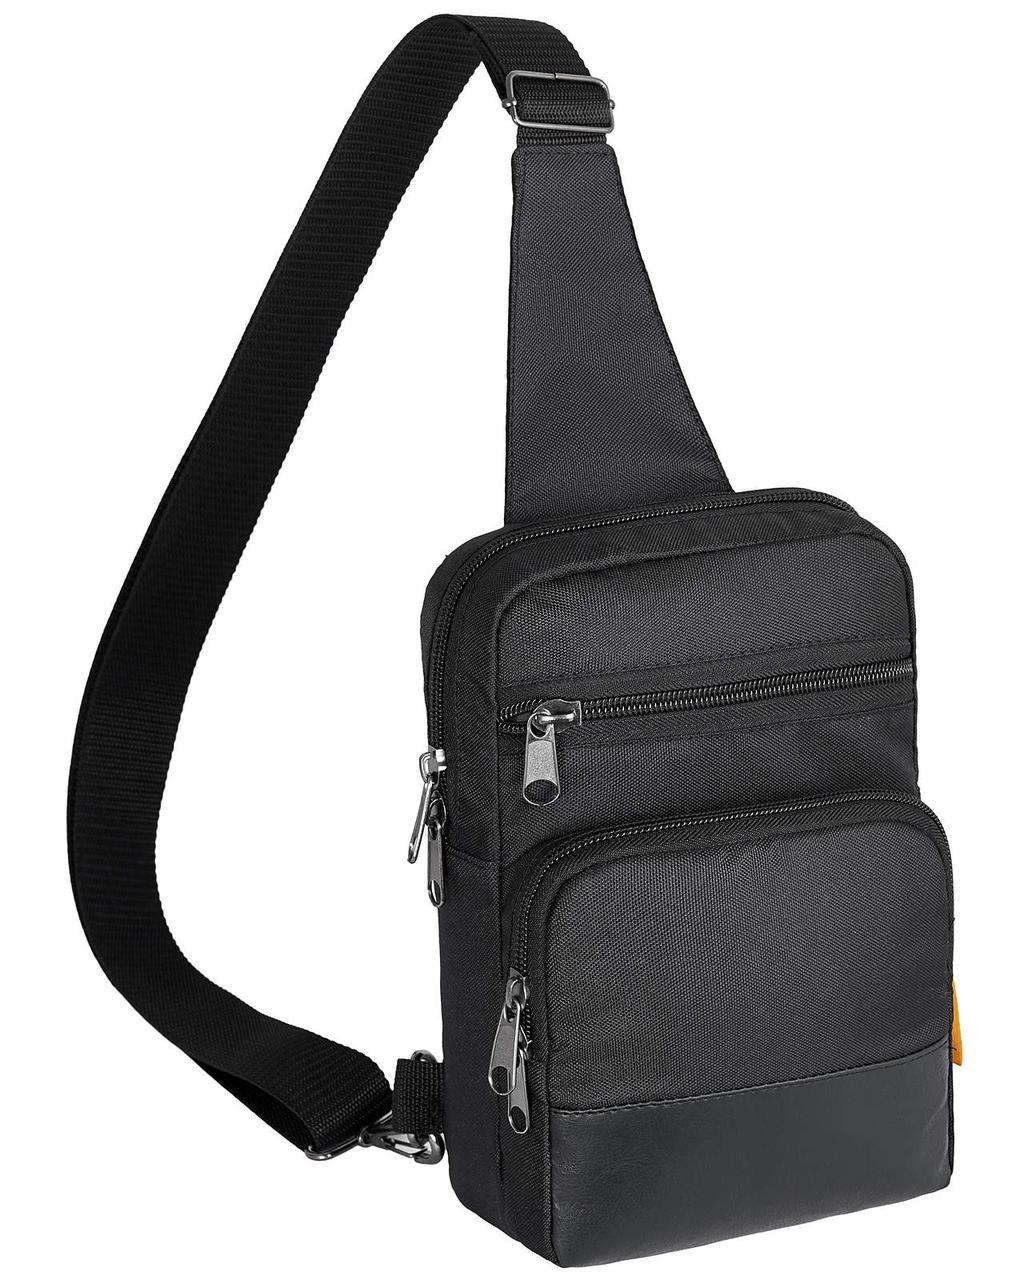 Городской рюкзак на одно плечо Surikat Sling (19*25.5*9.5 см)